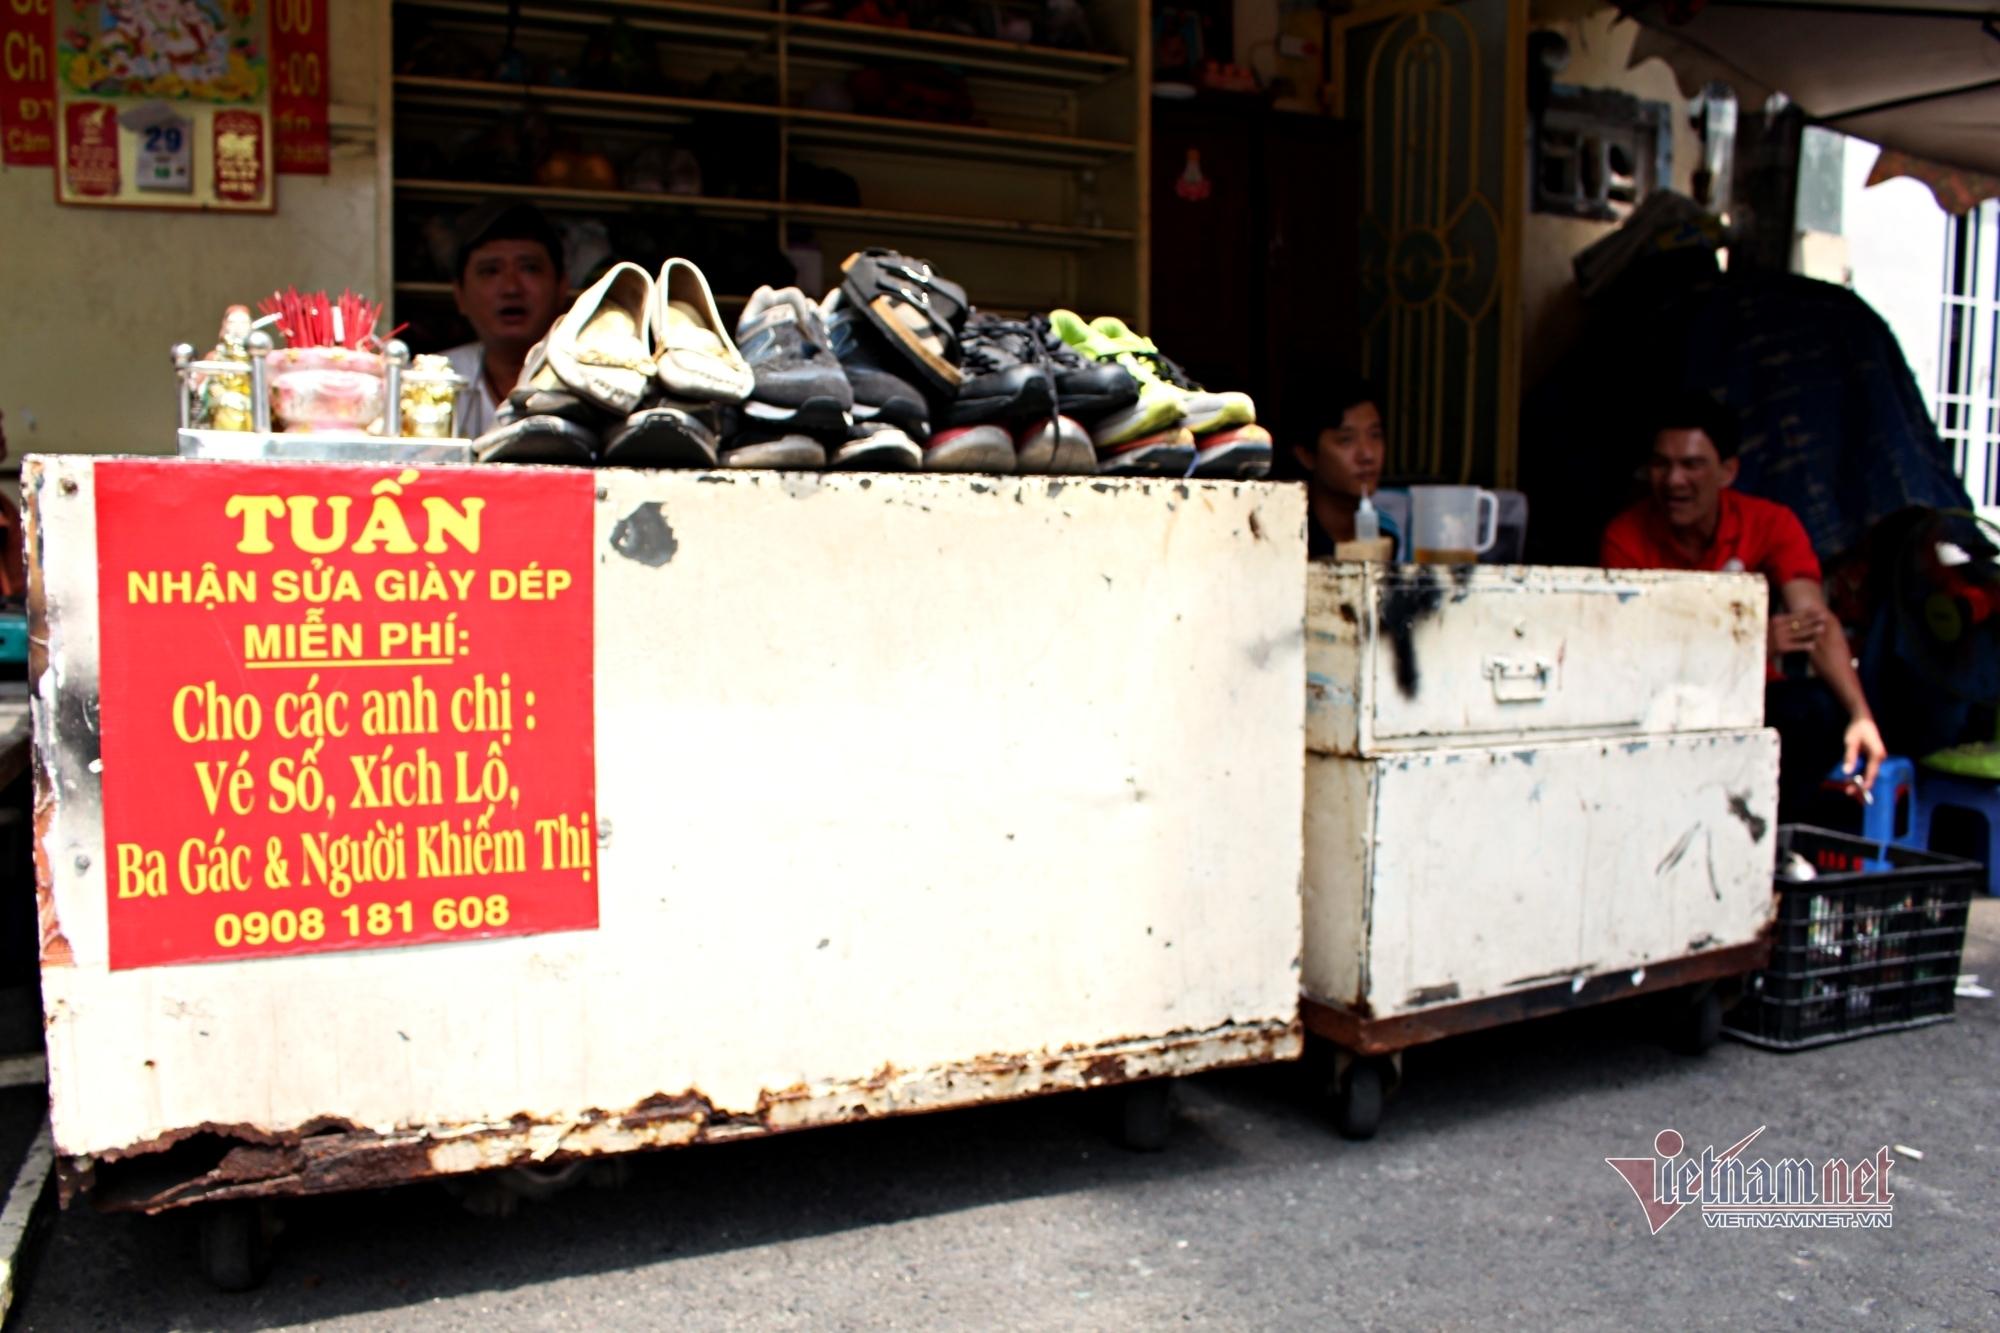 20 năm ngồi vỉa hè sửa chữa, tặng giày dép cho người nghèo